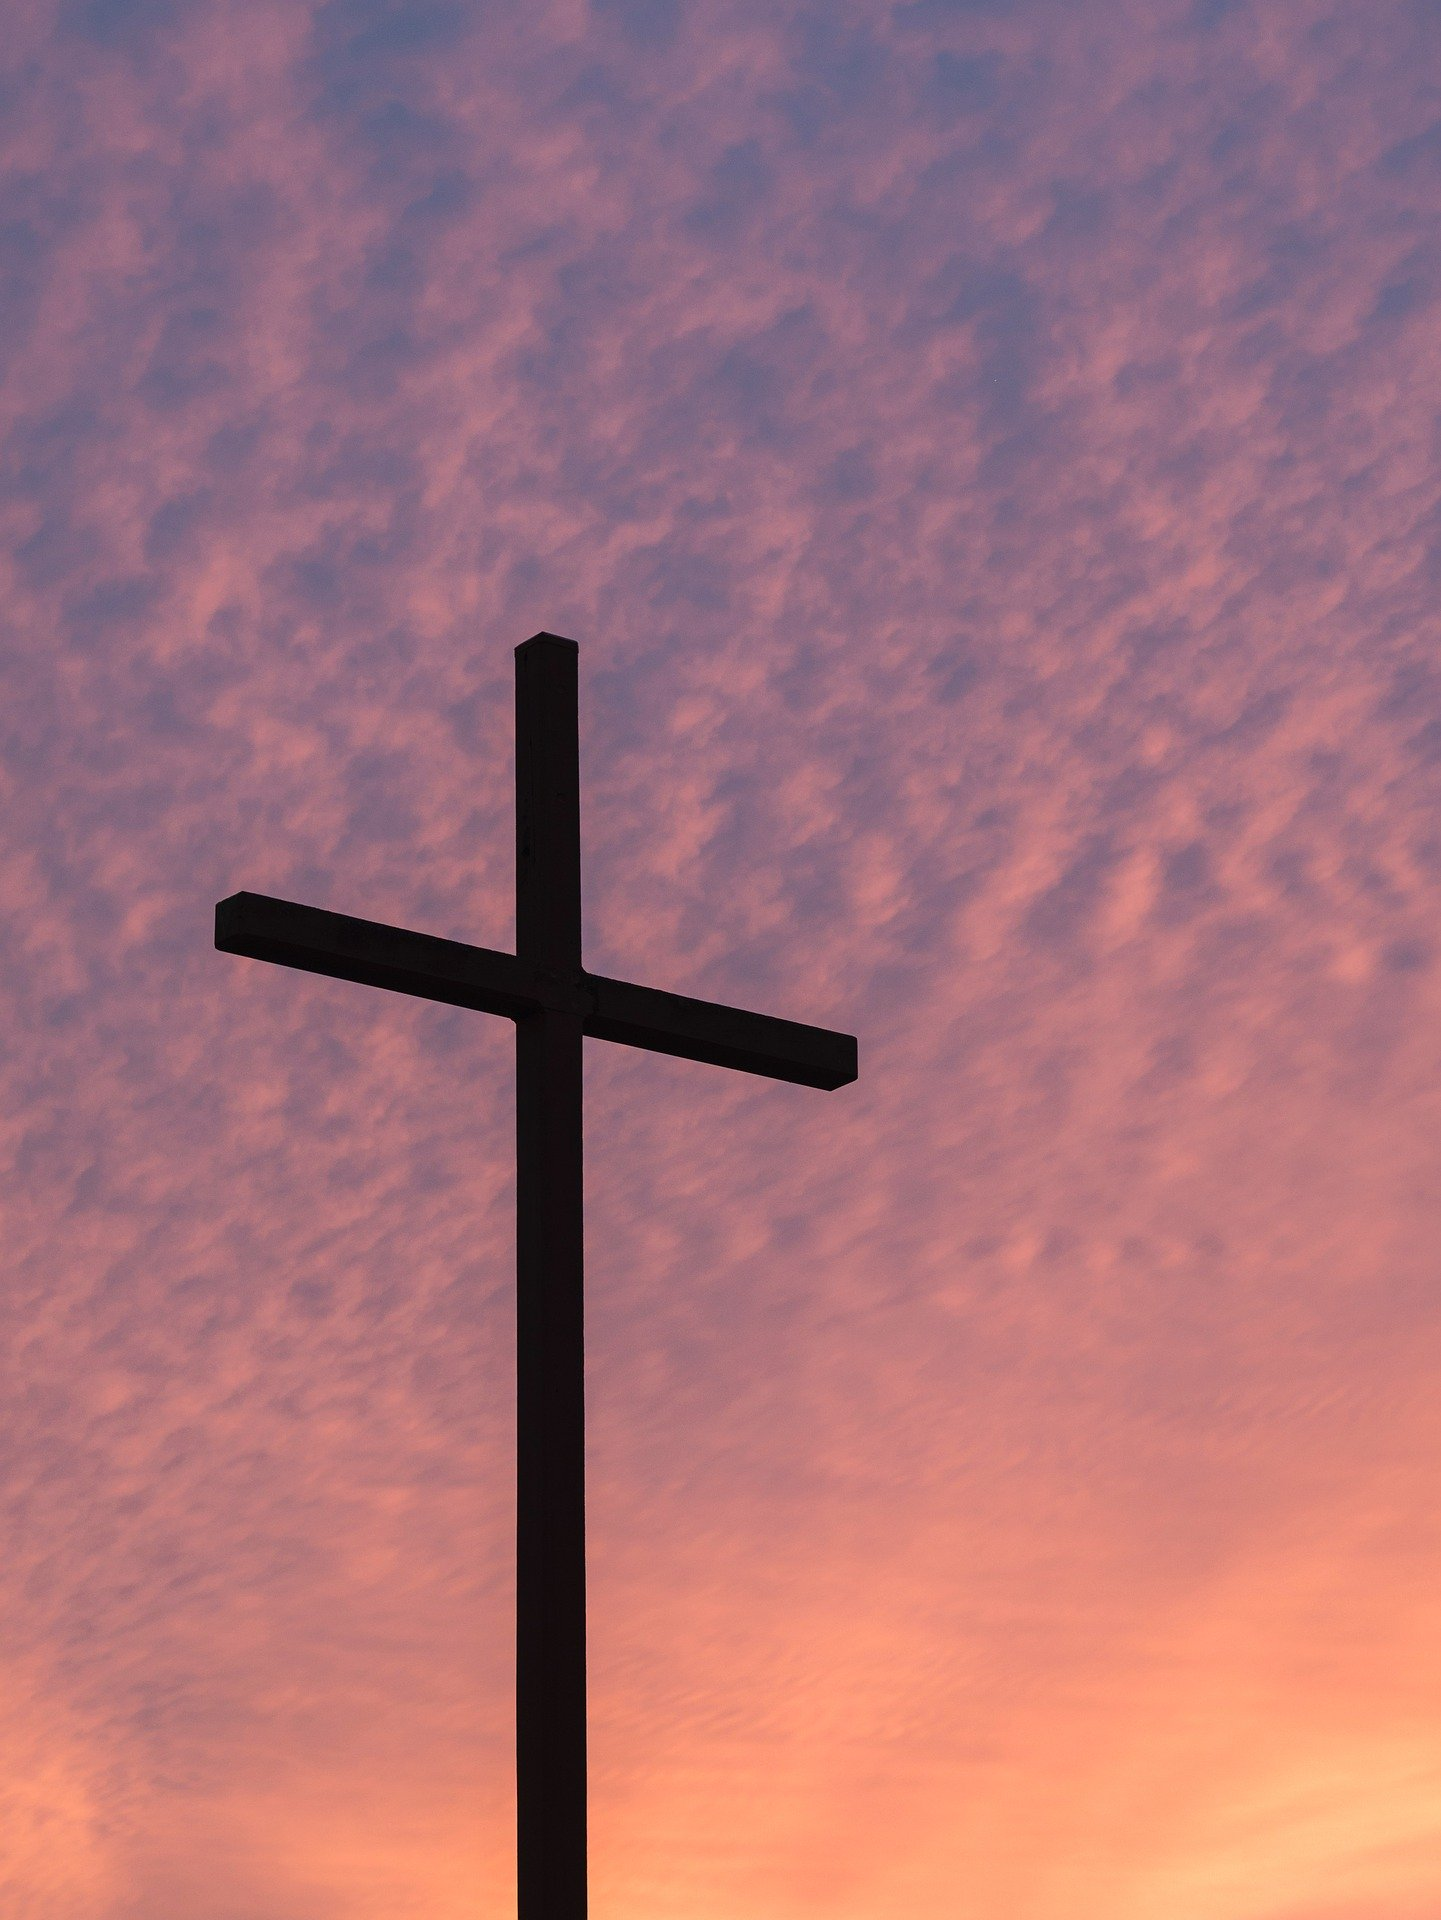 faith-2208916_1920